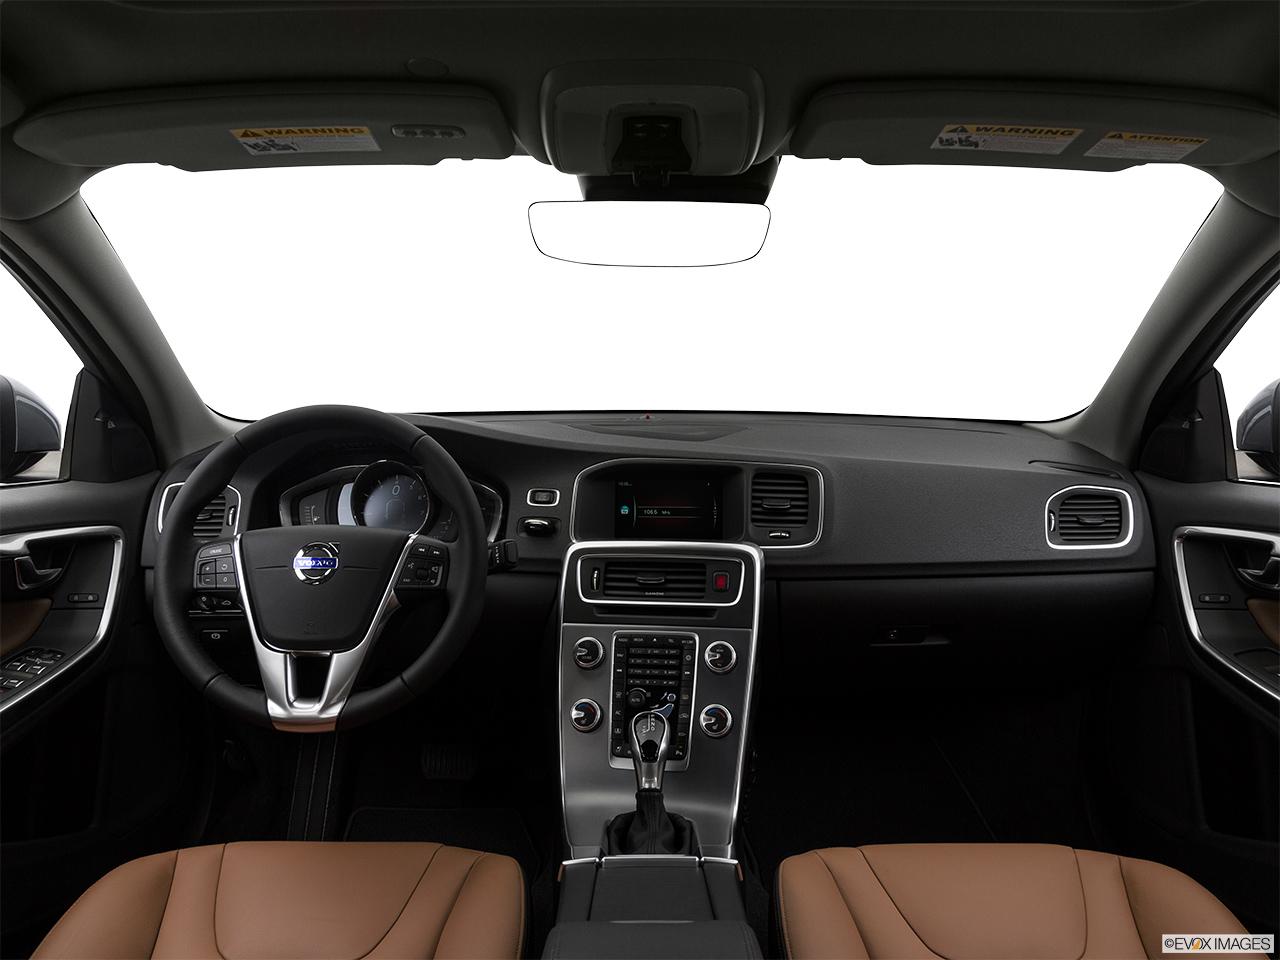 car pictures list for volvo s60 2017 2 0 t5 r design uae. Black Bedroom Furniture Sets. Home Design Ideas